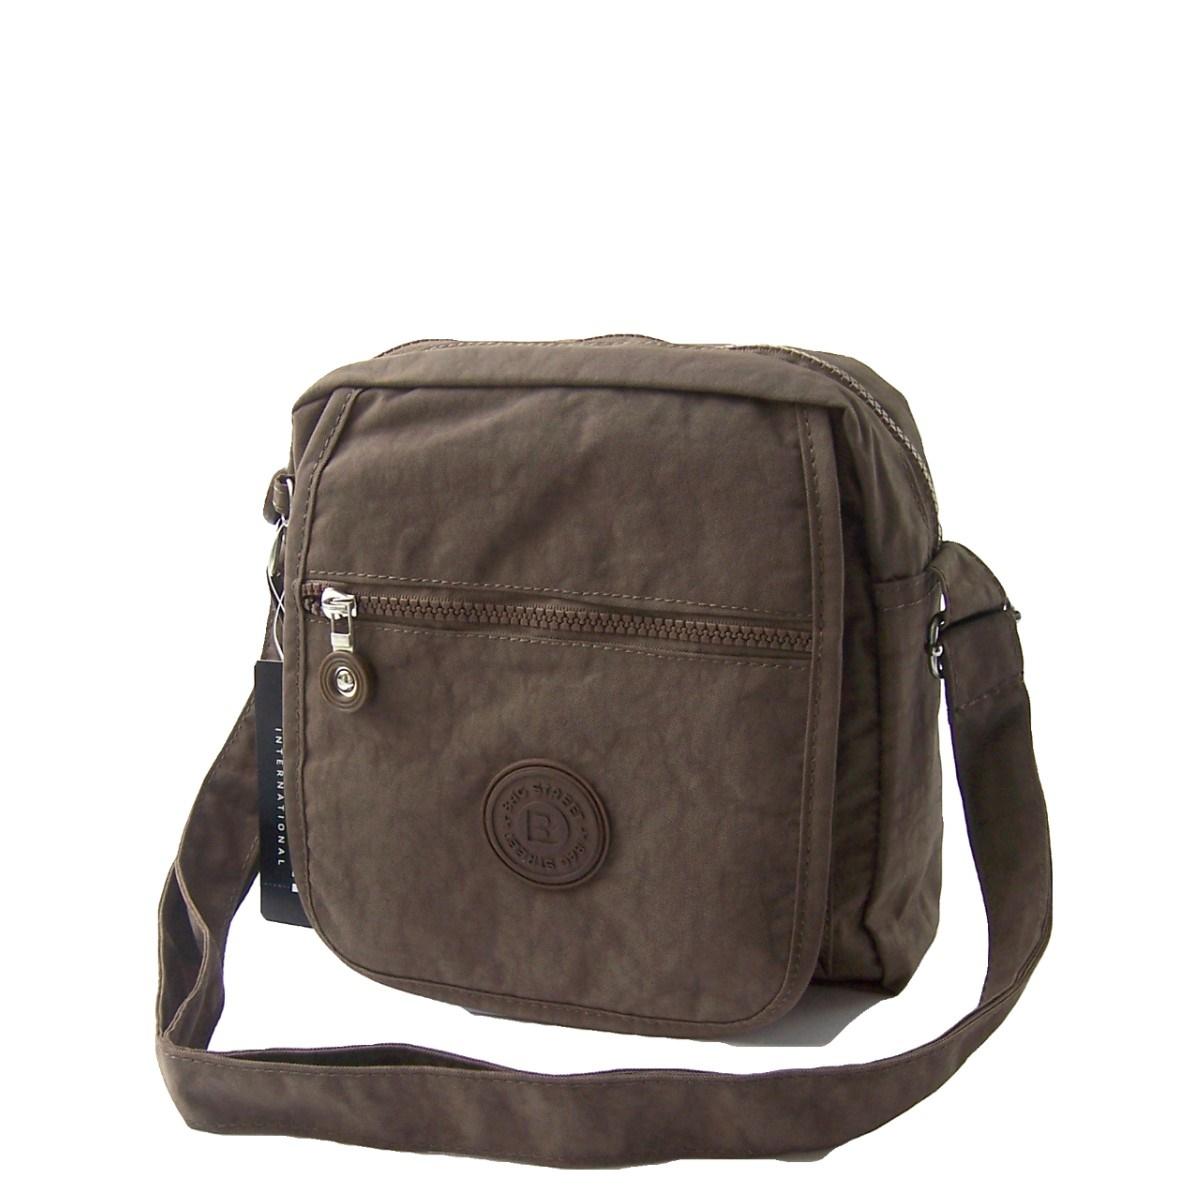 Tasche Umhängetasche Handtasche Bag Street Nylon braun Ta6013